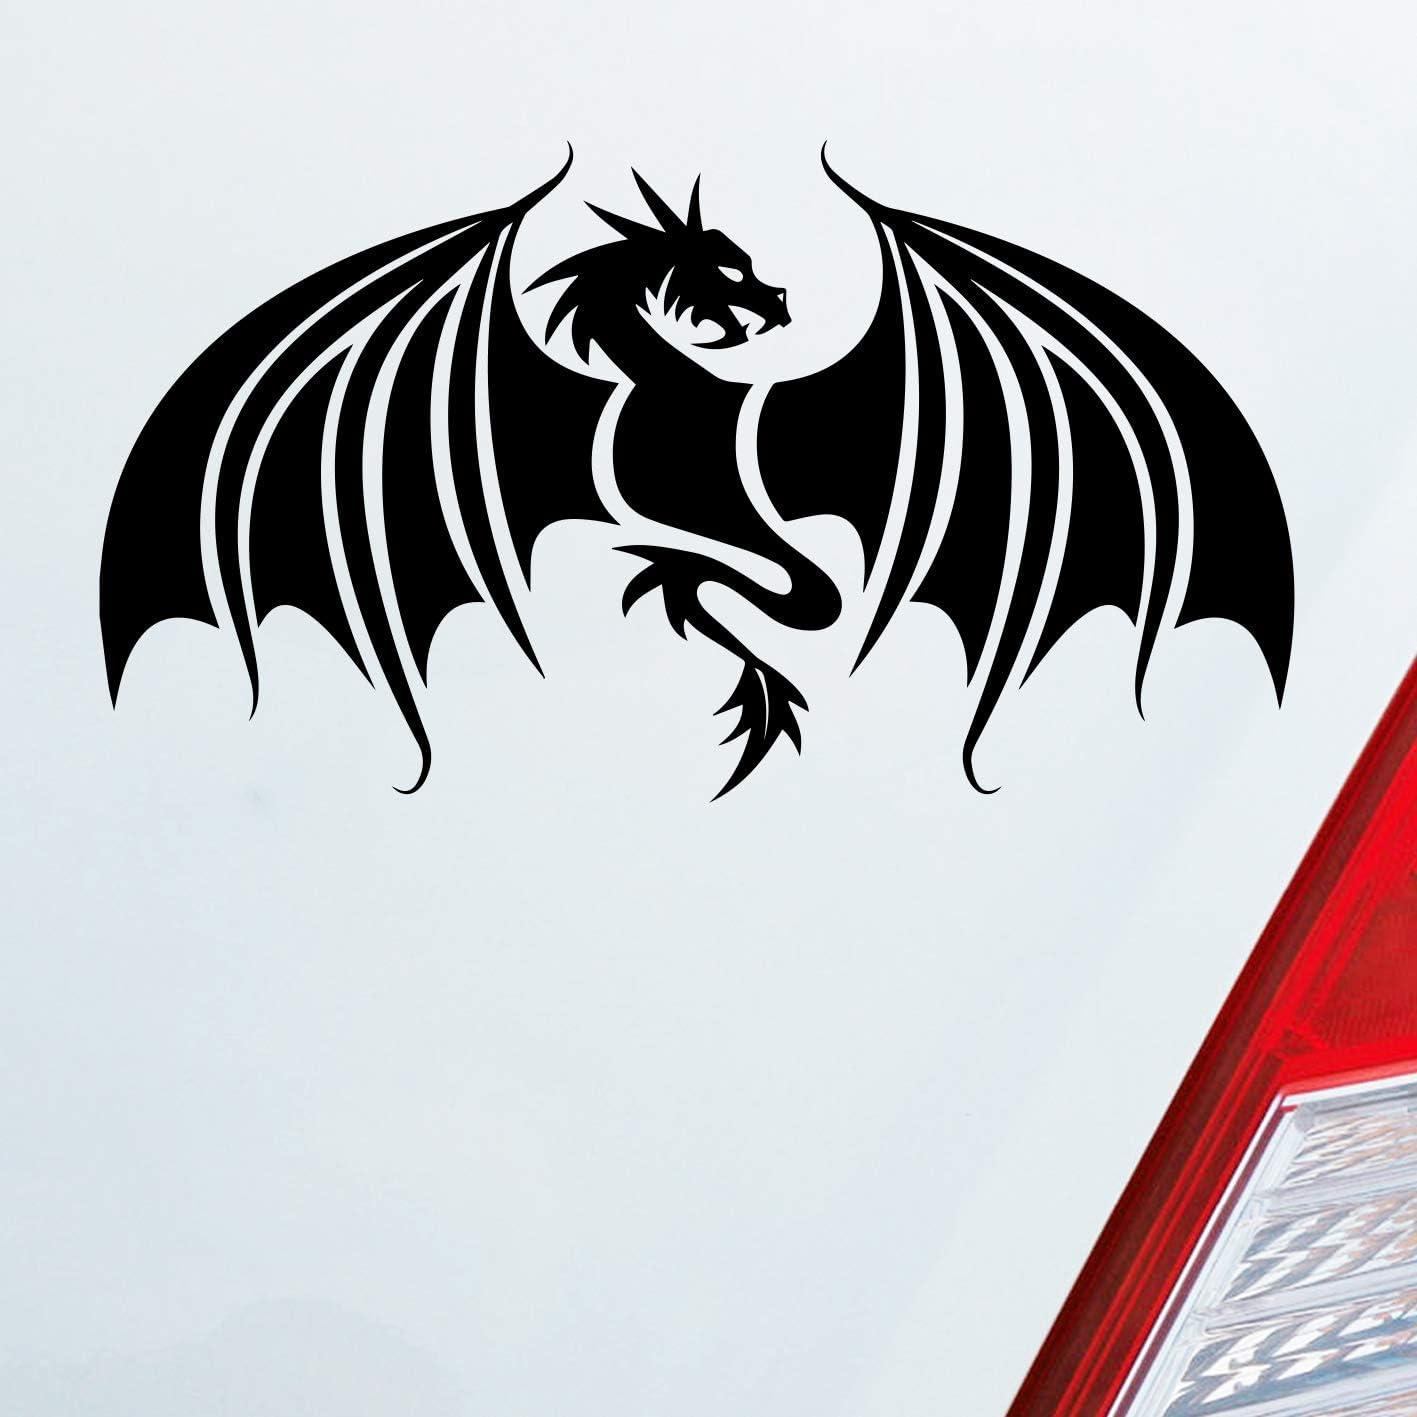 Auto Aufkleber In Deiner Wunschfarbe Drache Dragon Chinesisch Game Thrones 12x7 Cm Autoaufkleber Sticker Folie Auto